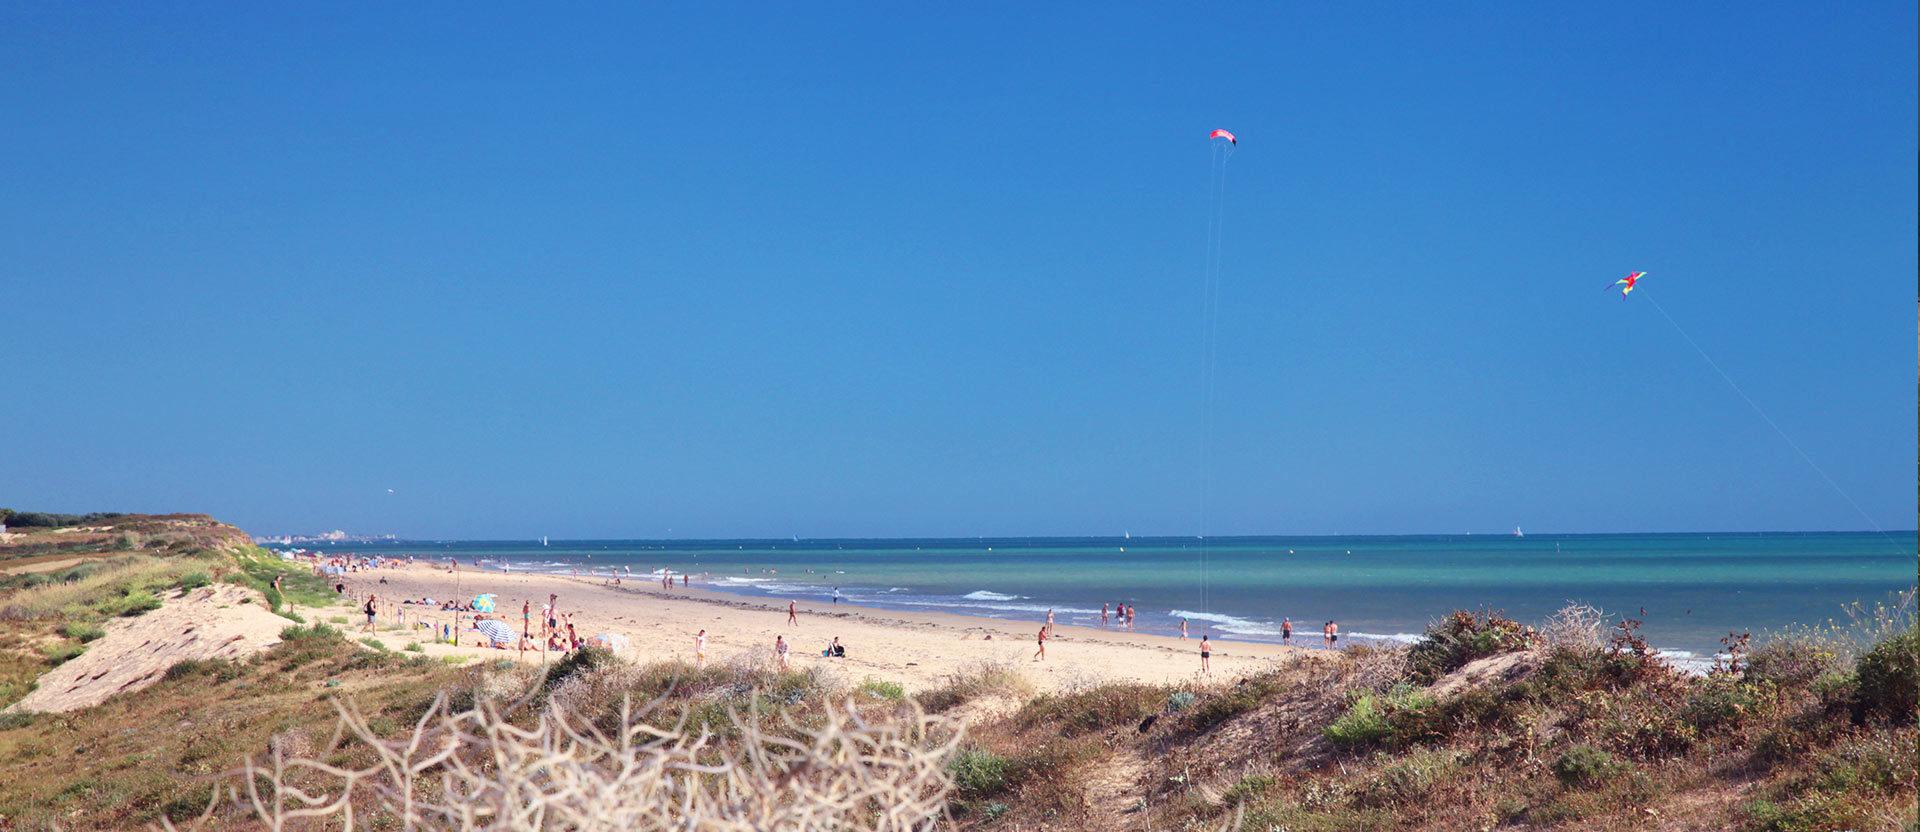 La plage de St Hilaire de Riez